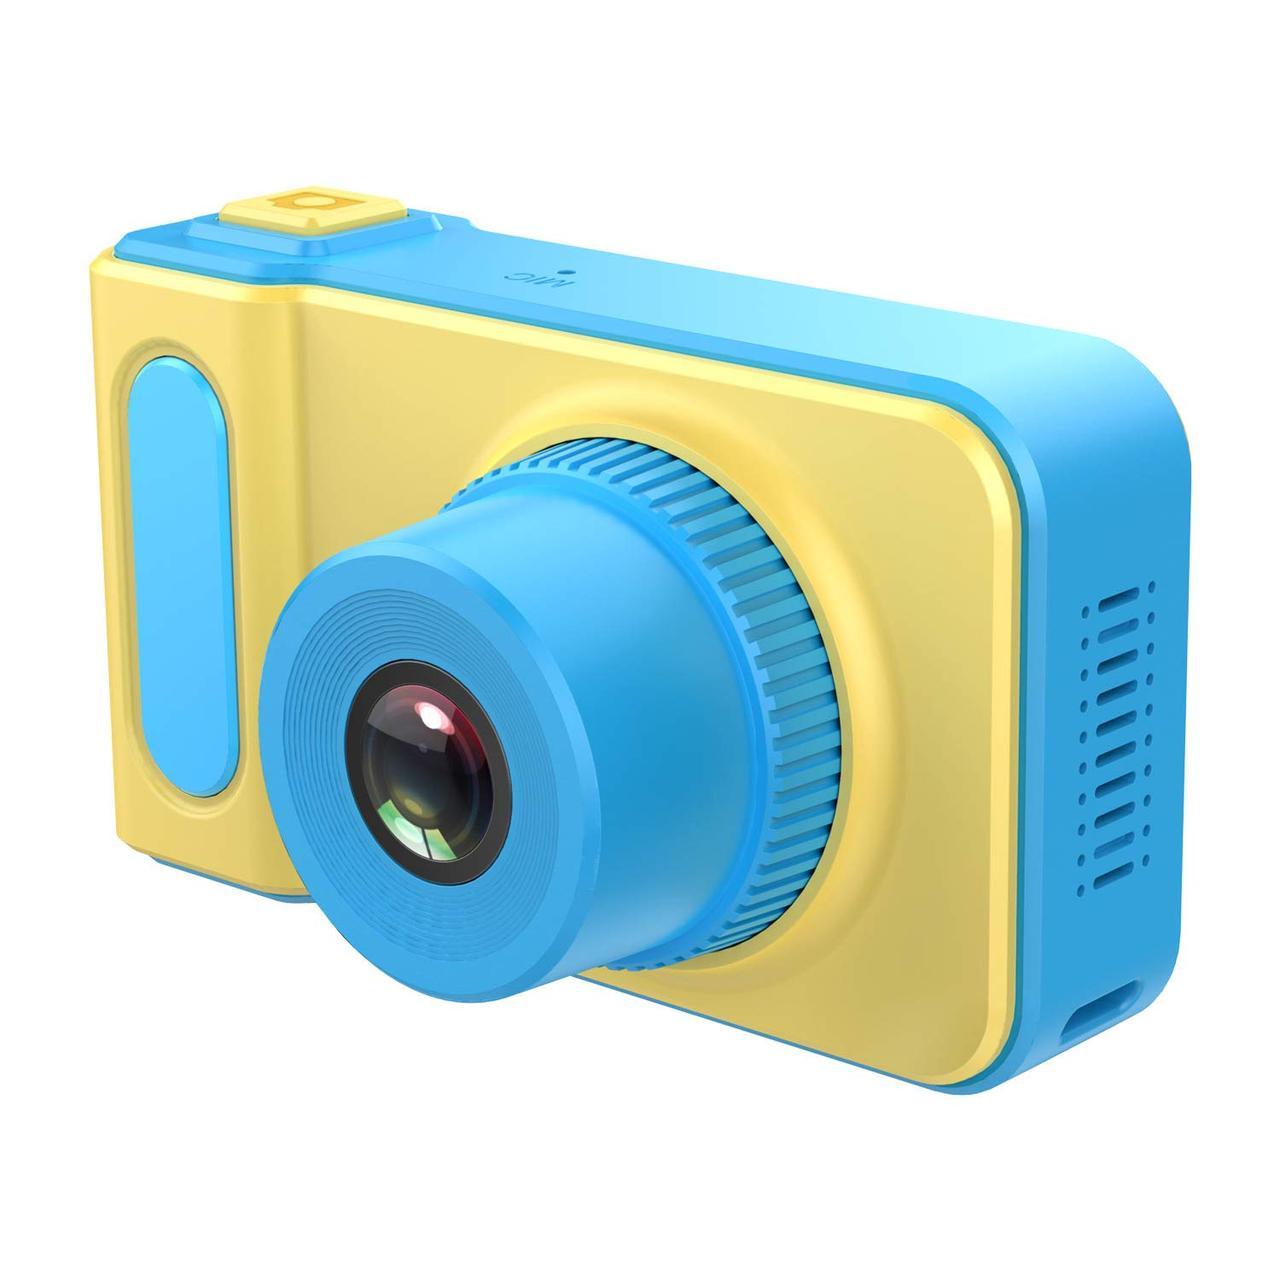 Цифровой детский фотоаппарат голубой Summer Vacation Smart Kids Camera Фото и Видеосъёмка Original